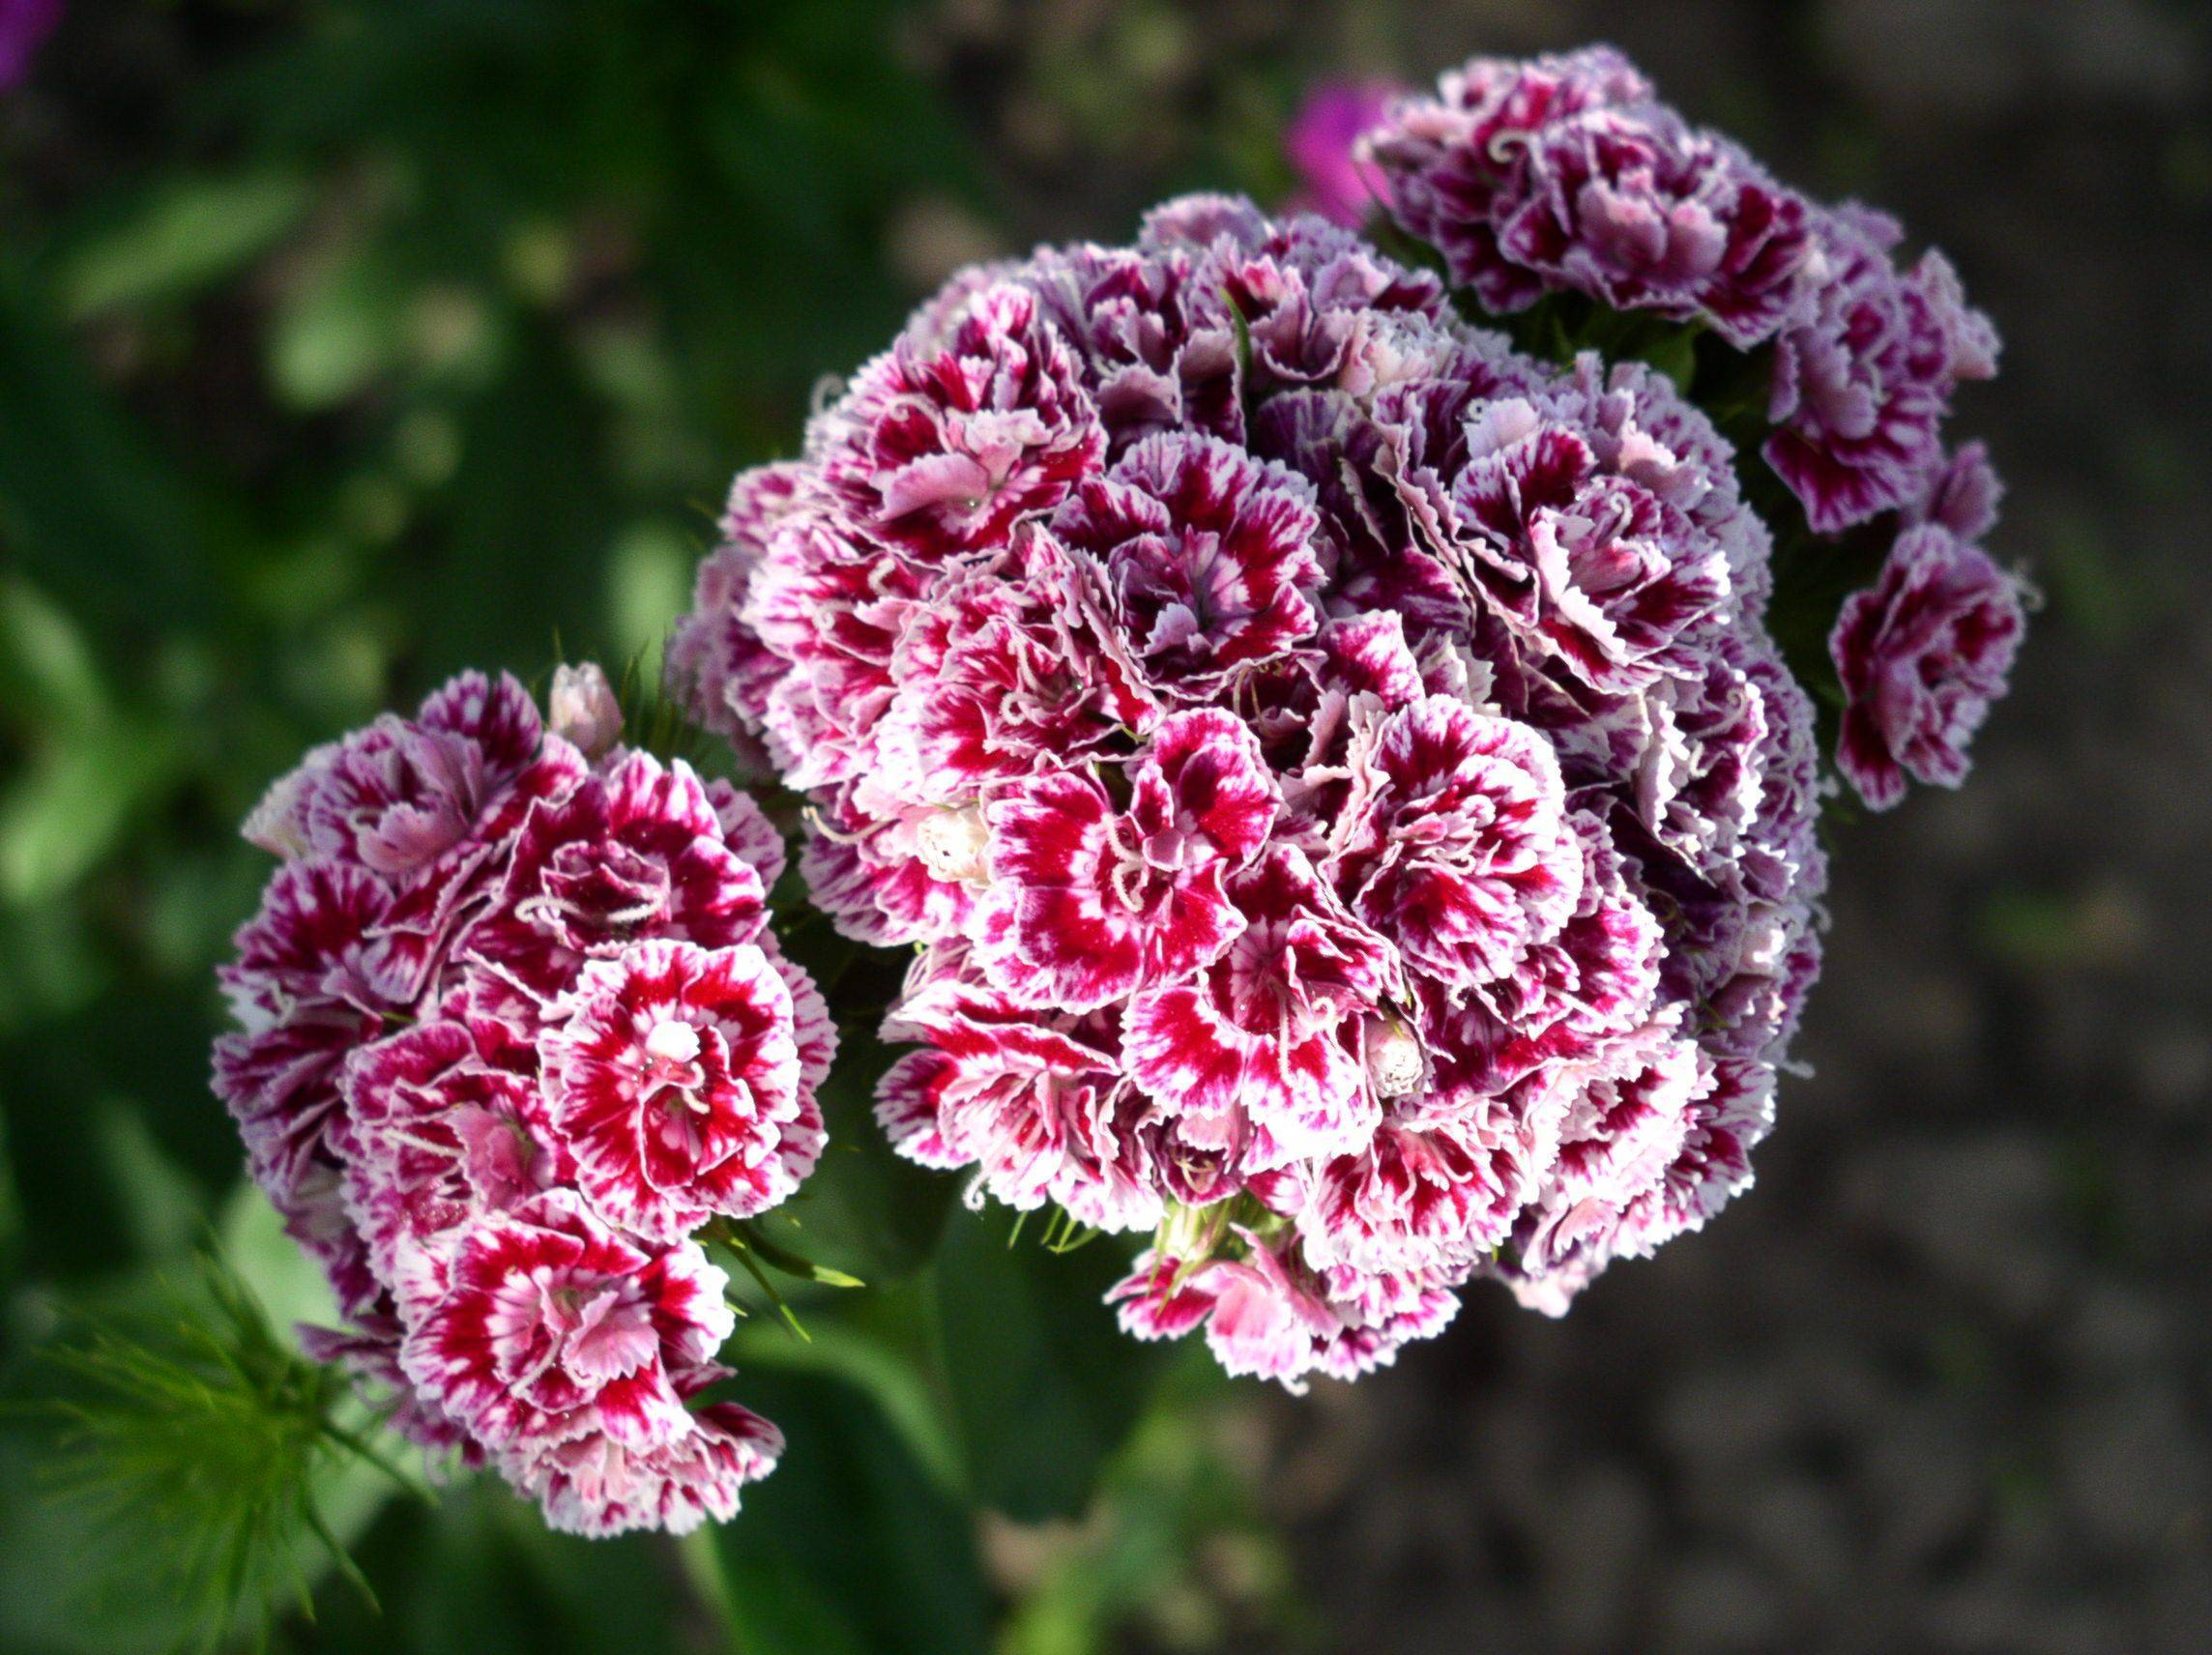 О декоративных растениях для сада: описание, как выглядят, лучшие сорта